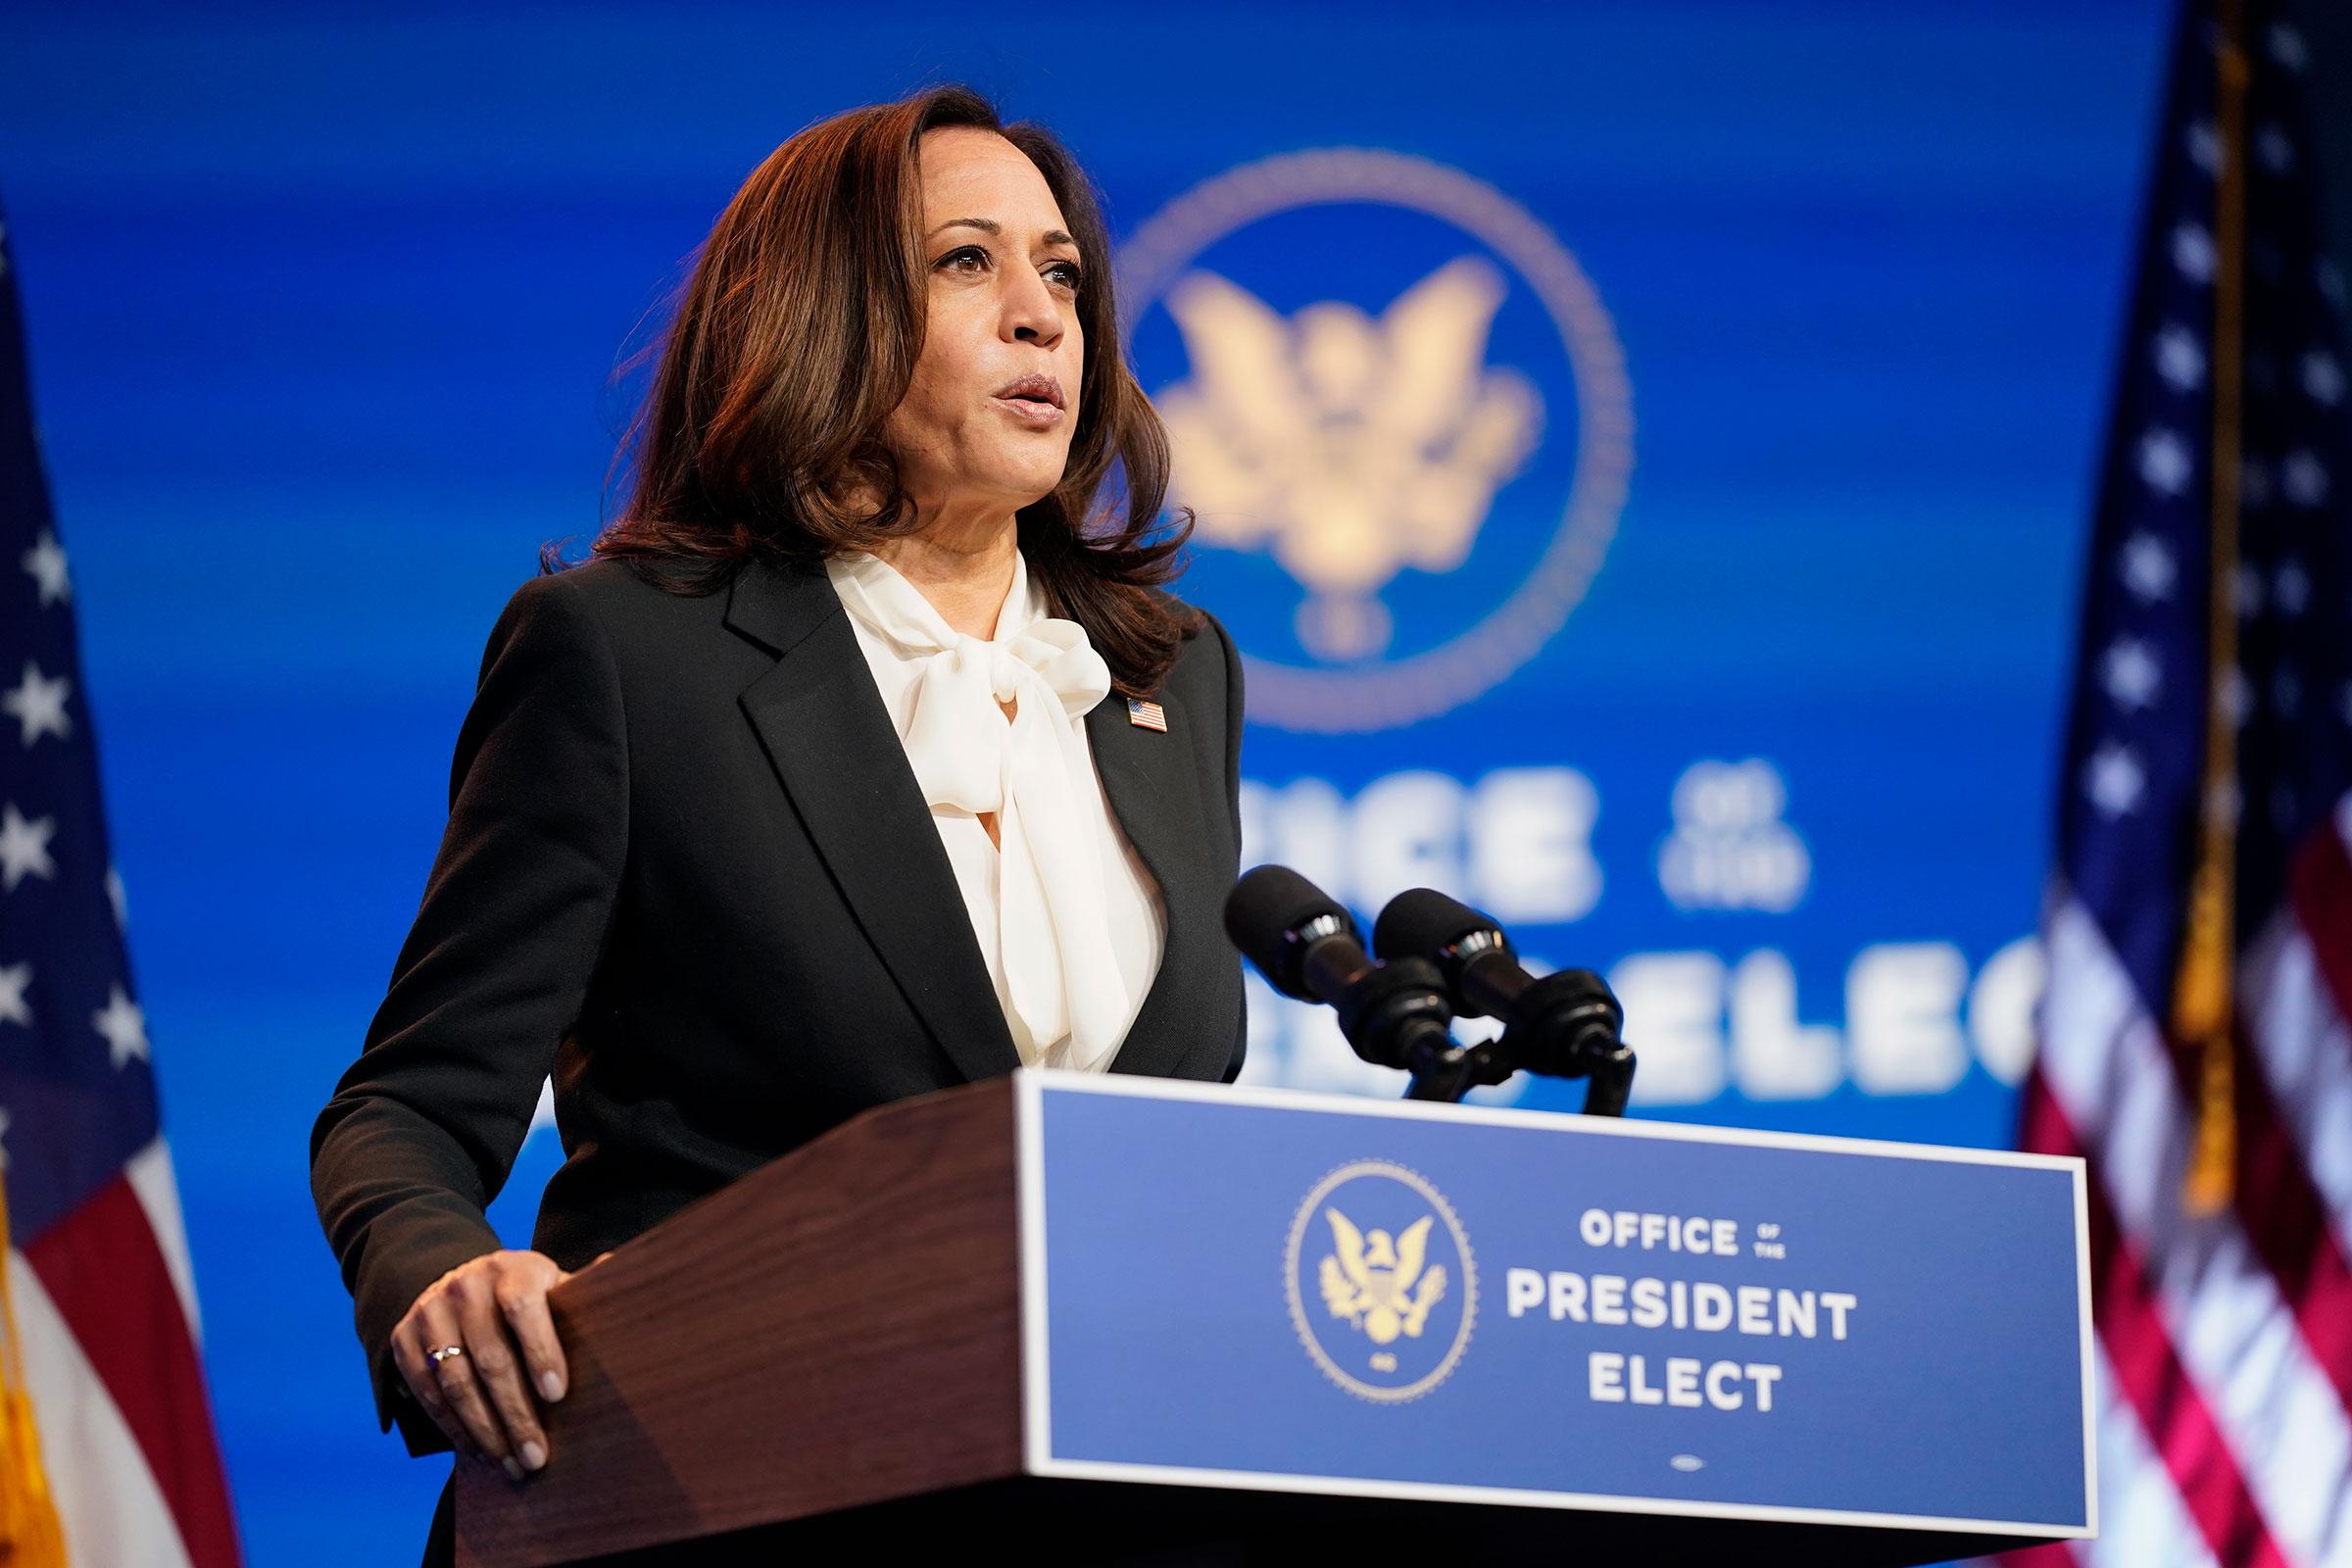 Vice President-elect Kamala Harris speaks on Thursday, November 19 in Wilmington, Delaware.